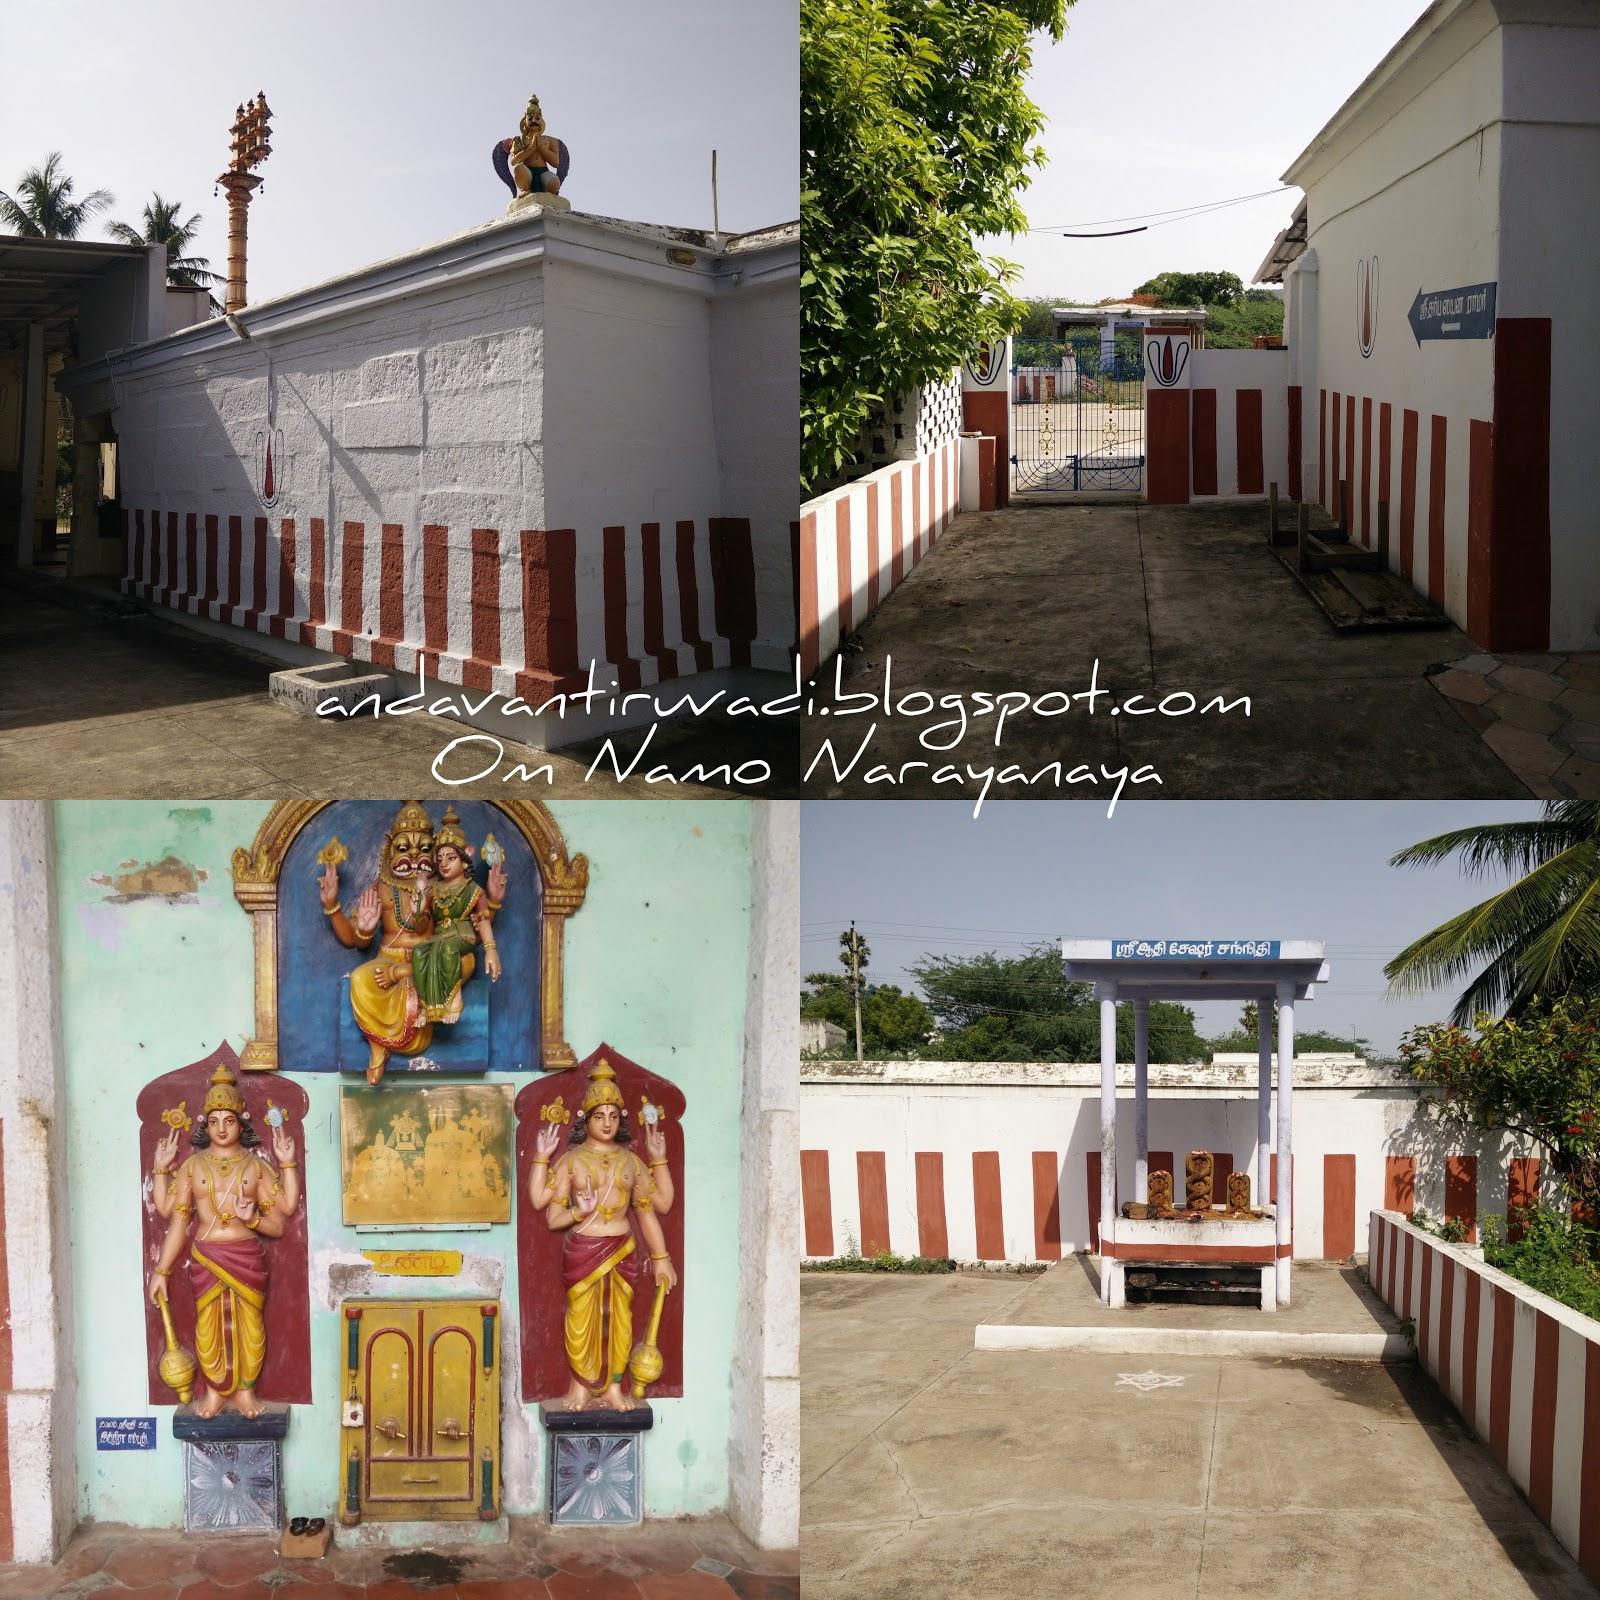 TEMPLE VISITS, அபிமான ஸ்தலம், கண்ணுக்கினியன கண்டோம்